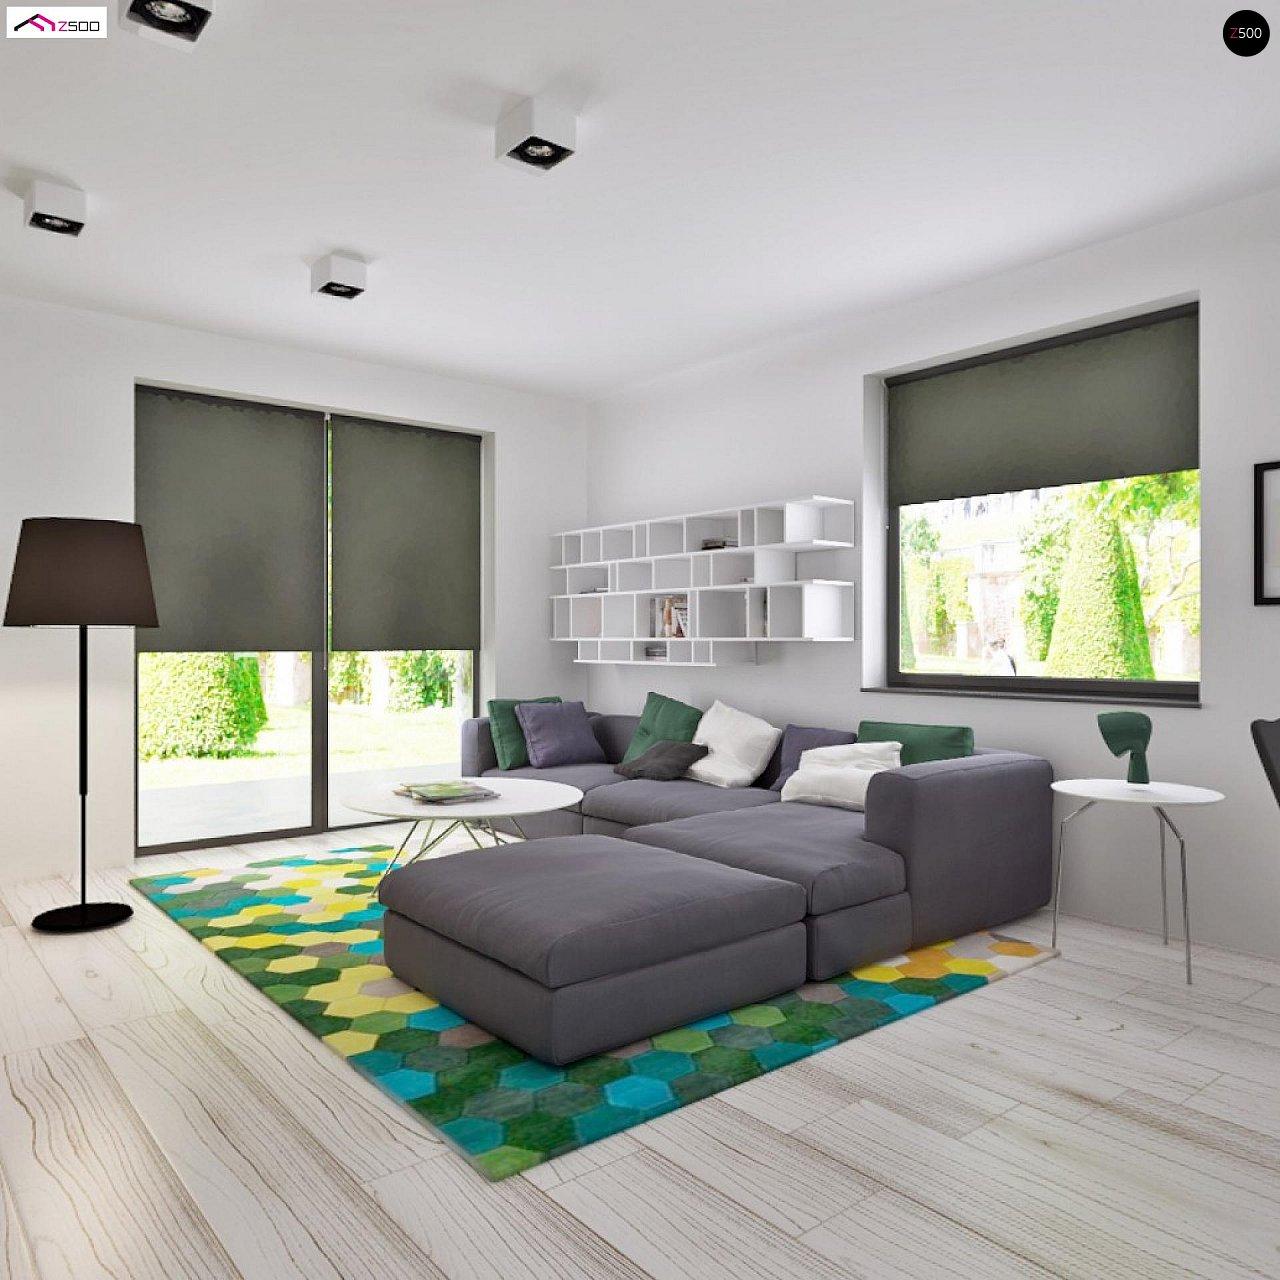 Просторный одноэтажный дом с многоскатной крышей, угловым окном и угловой террасой в дневной зоне. 5